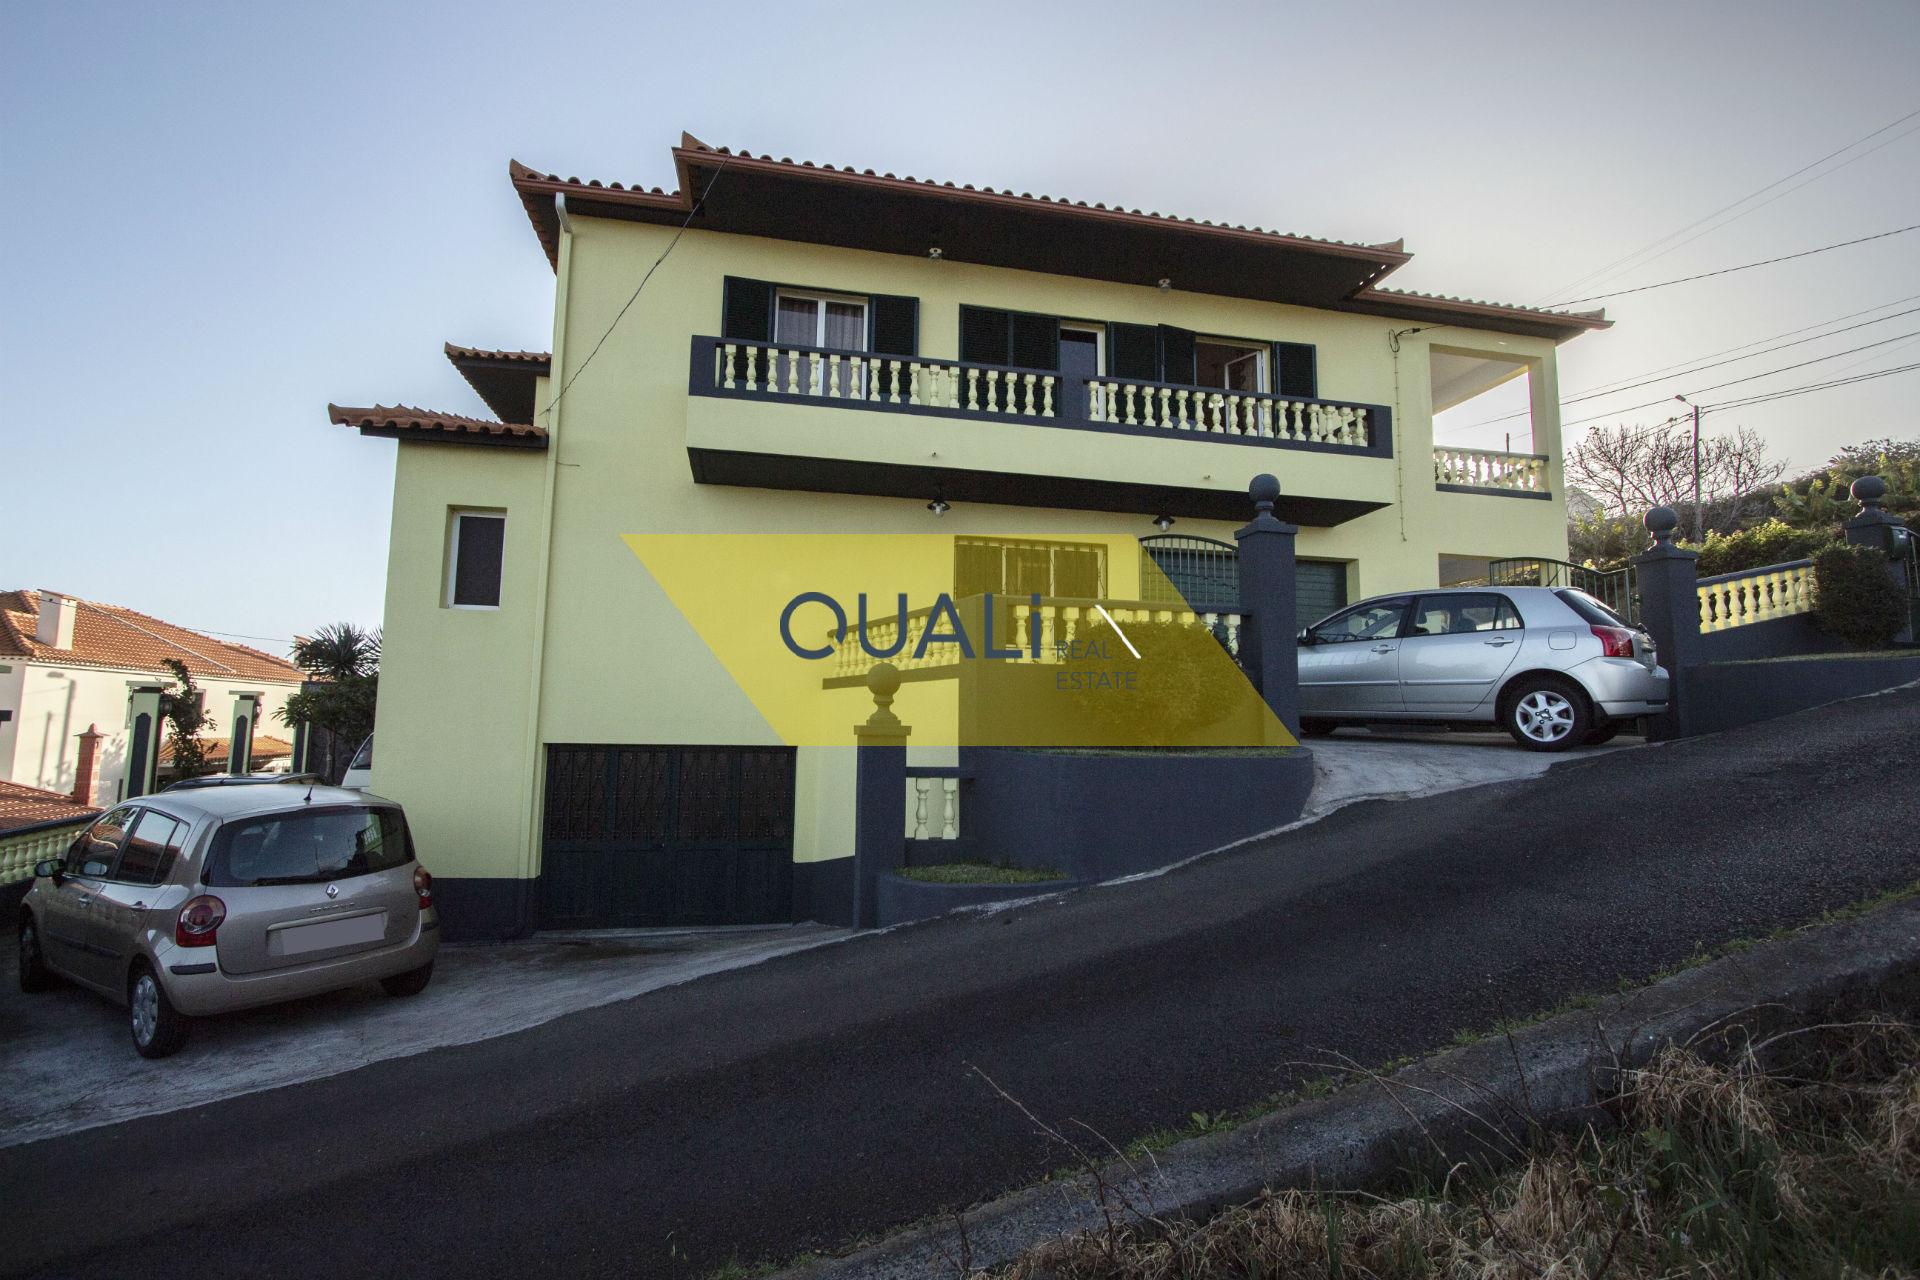 Moradia isolada T3 em Gaula - Madeira - € 265.000,00